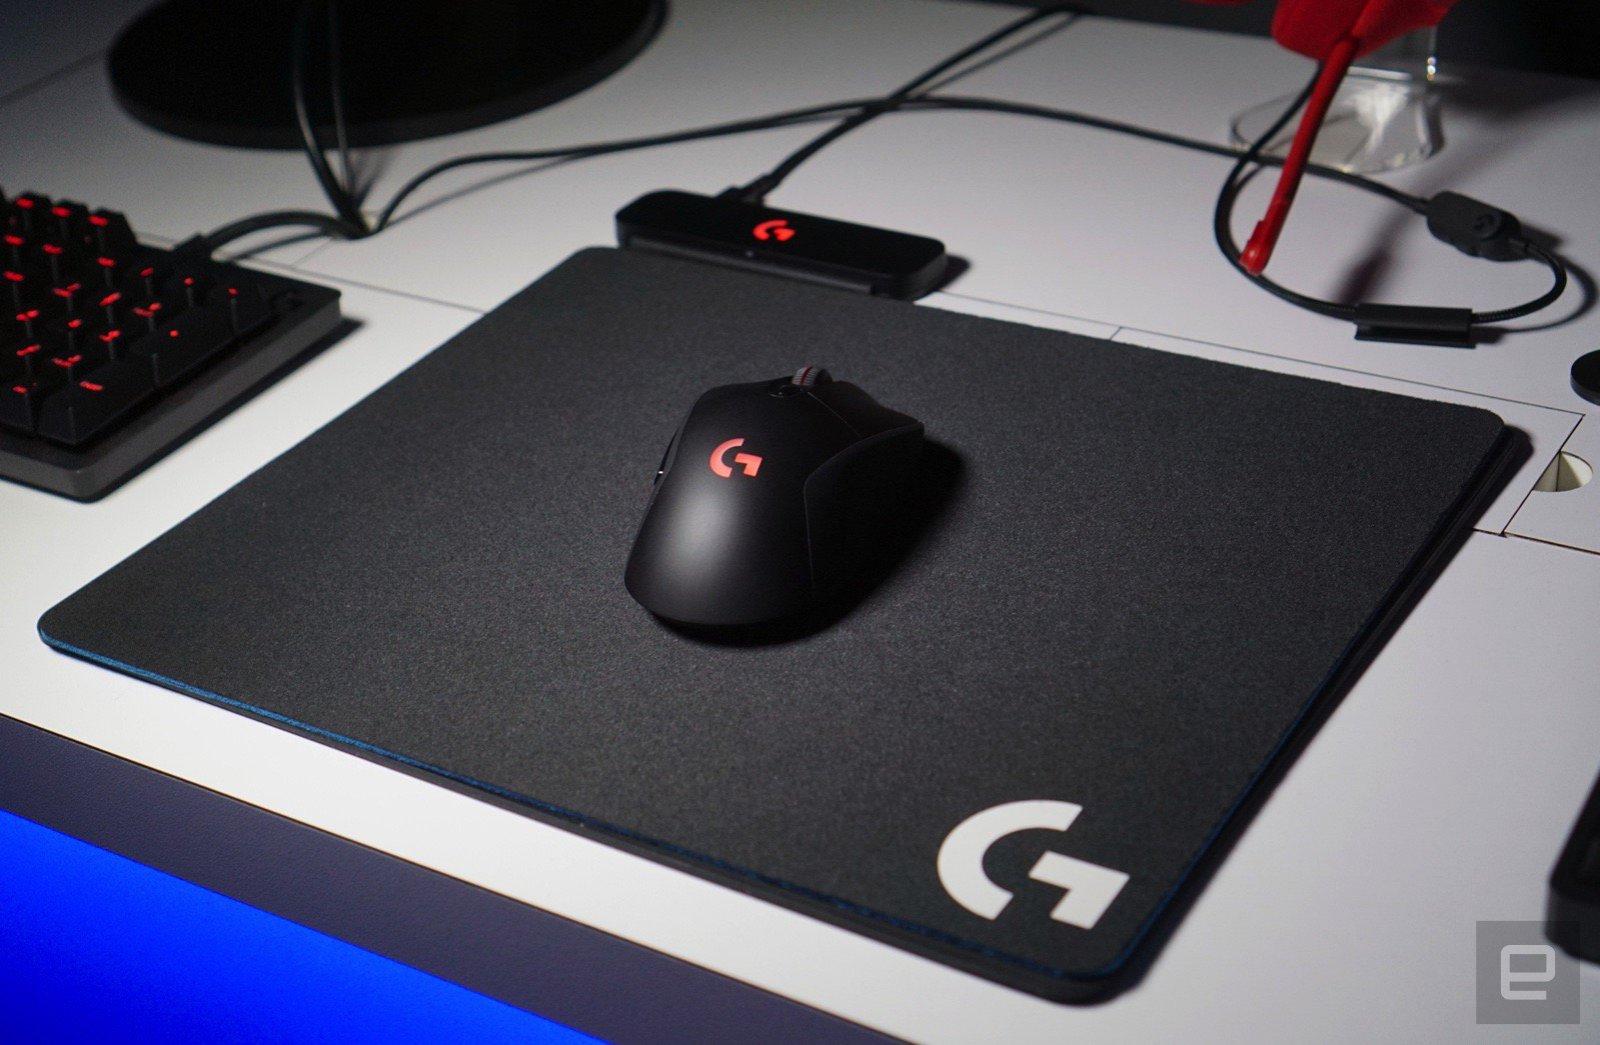 Así es la alfombrilla de Logitech que carga tu ratón mientras lo usas